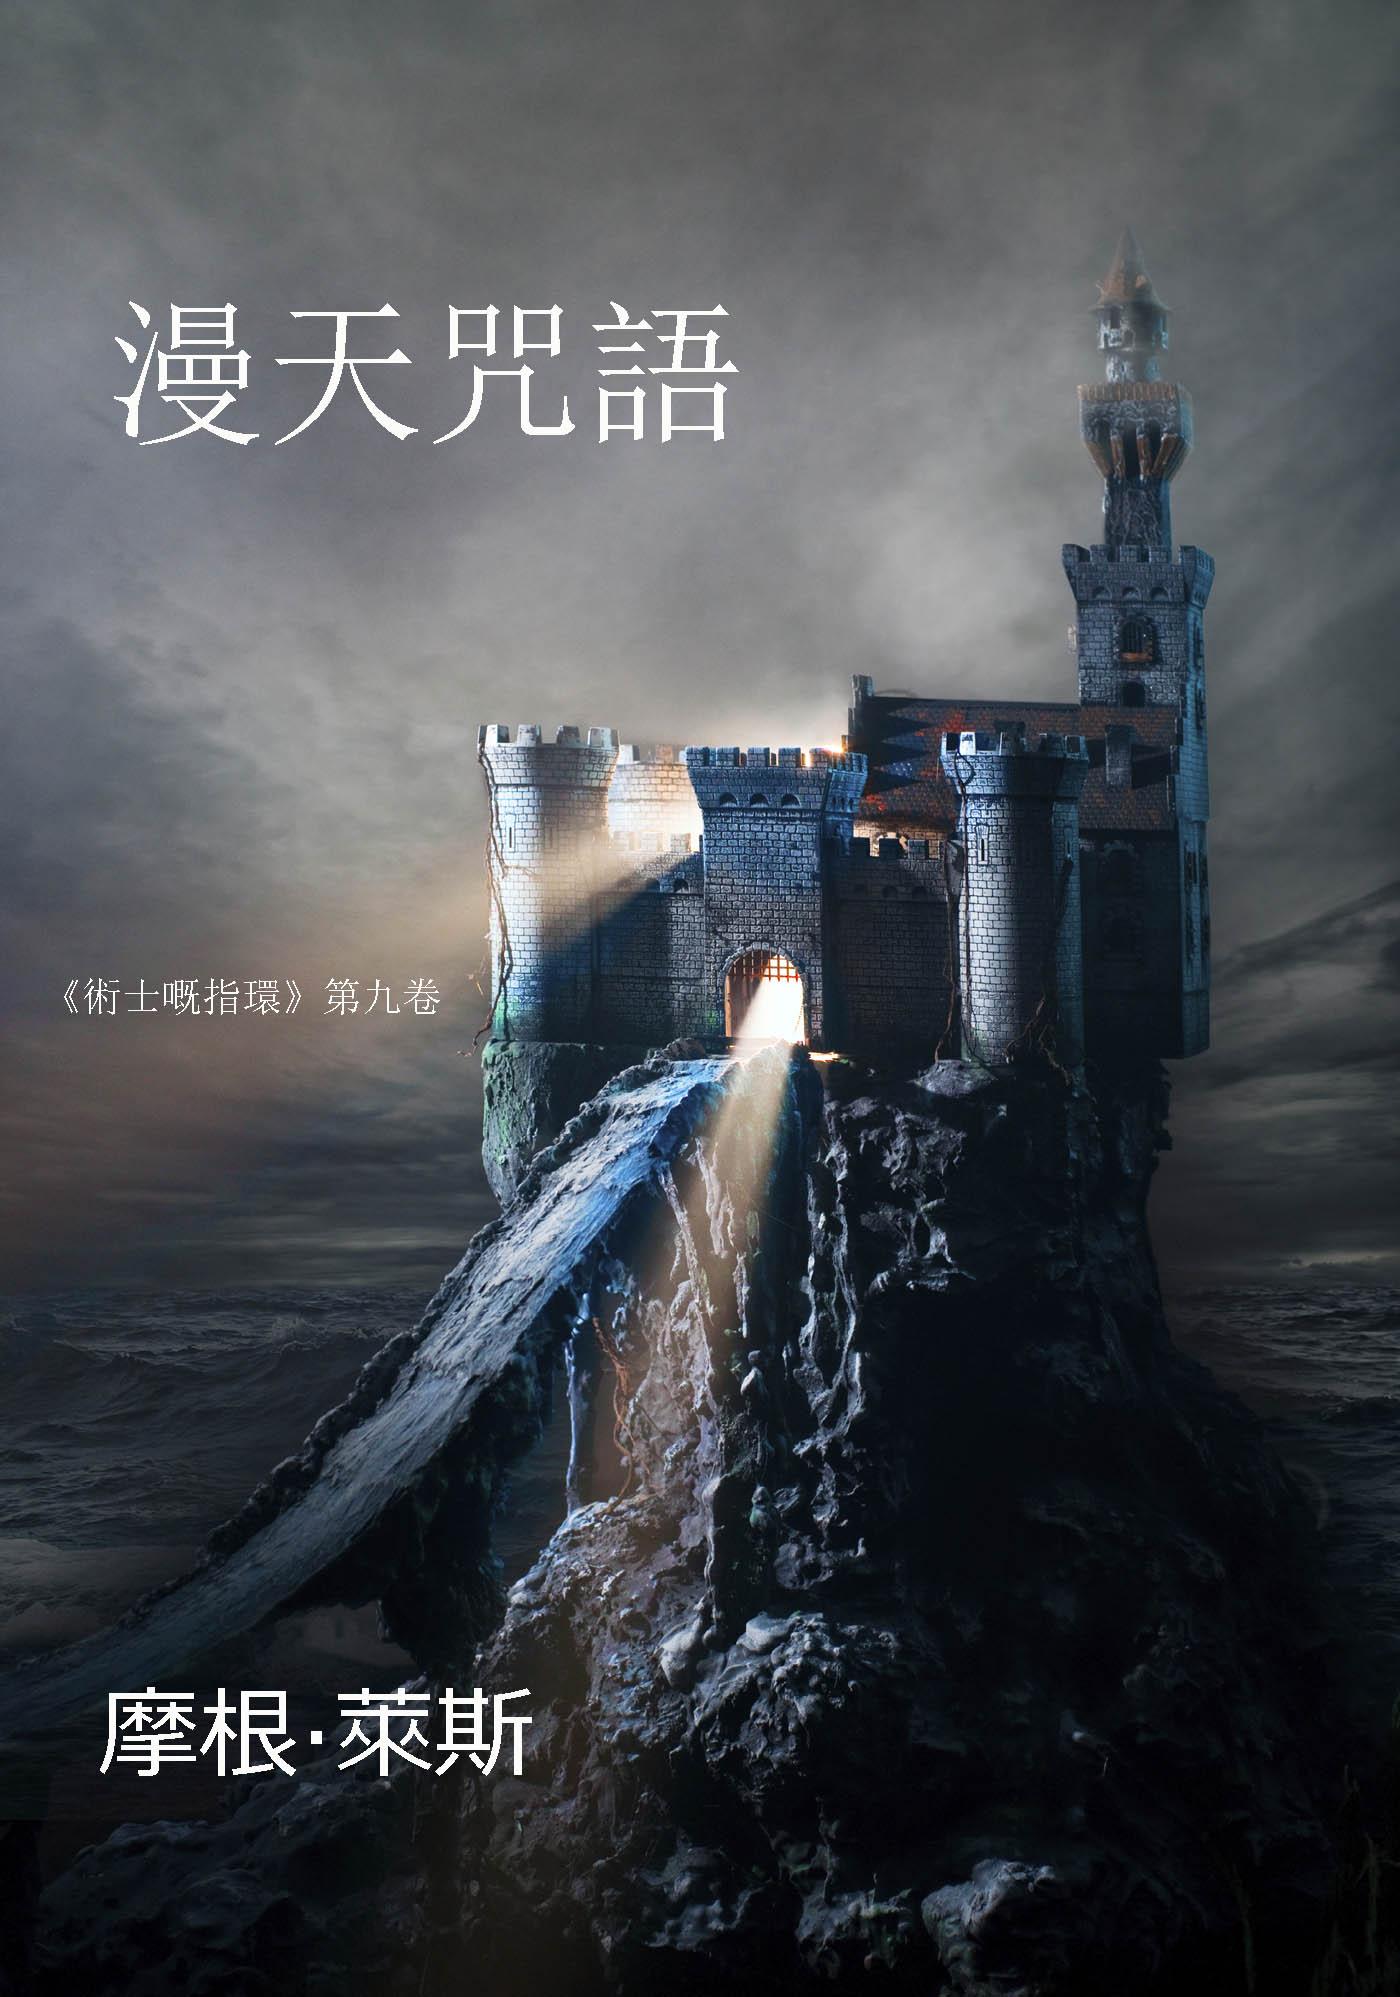 Морган Райс 漫天咒語 北京旅游指南